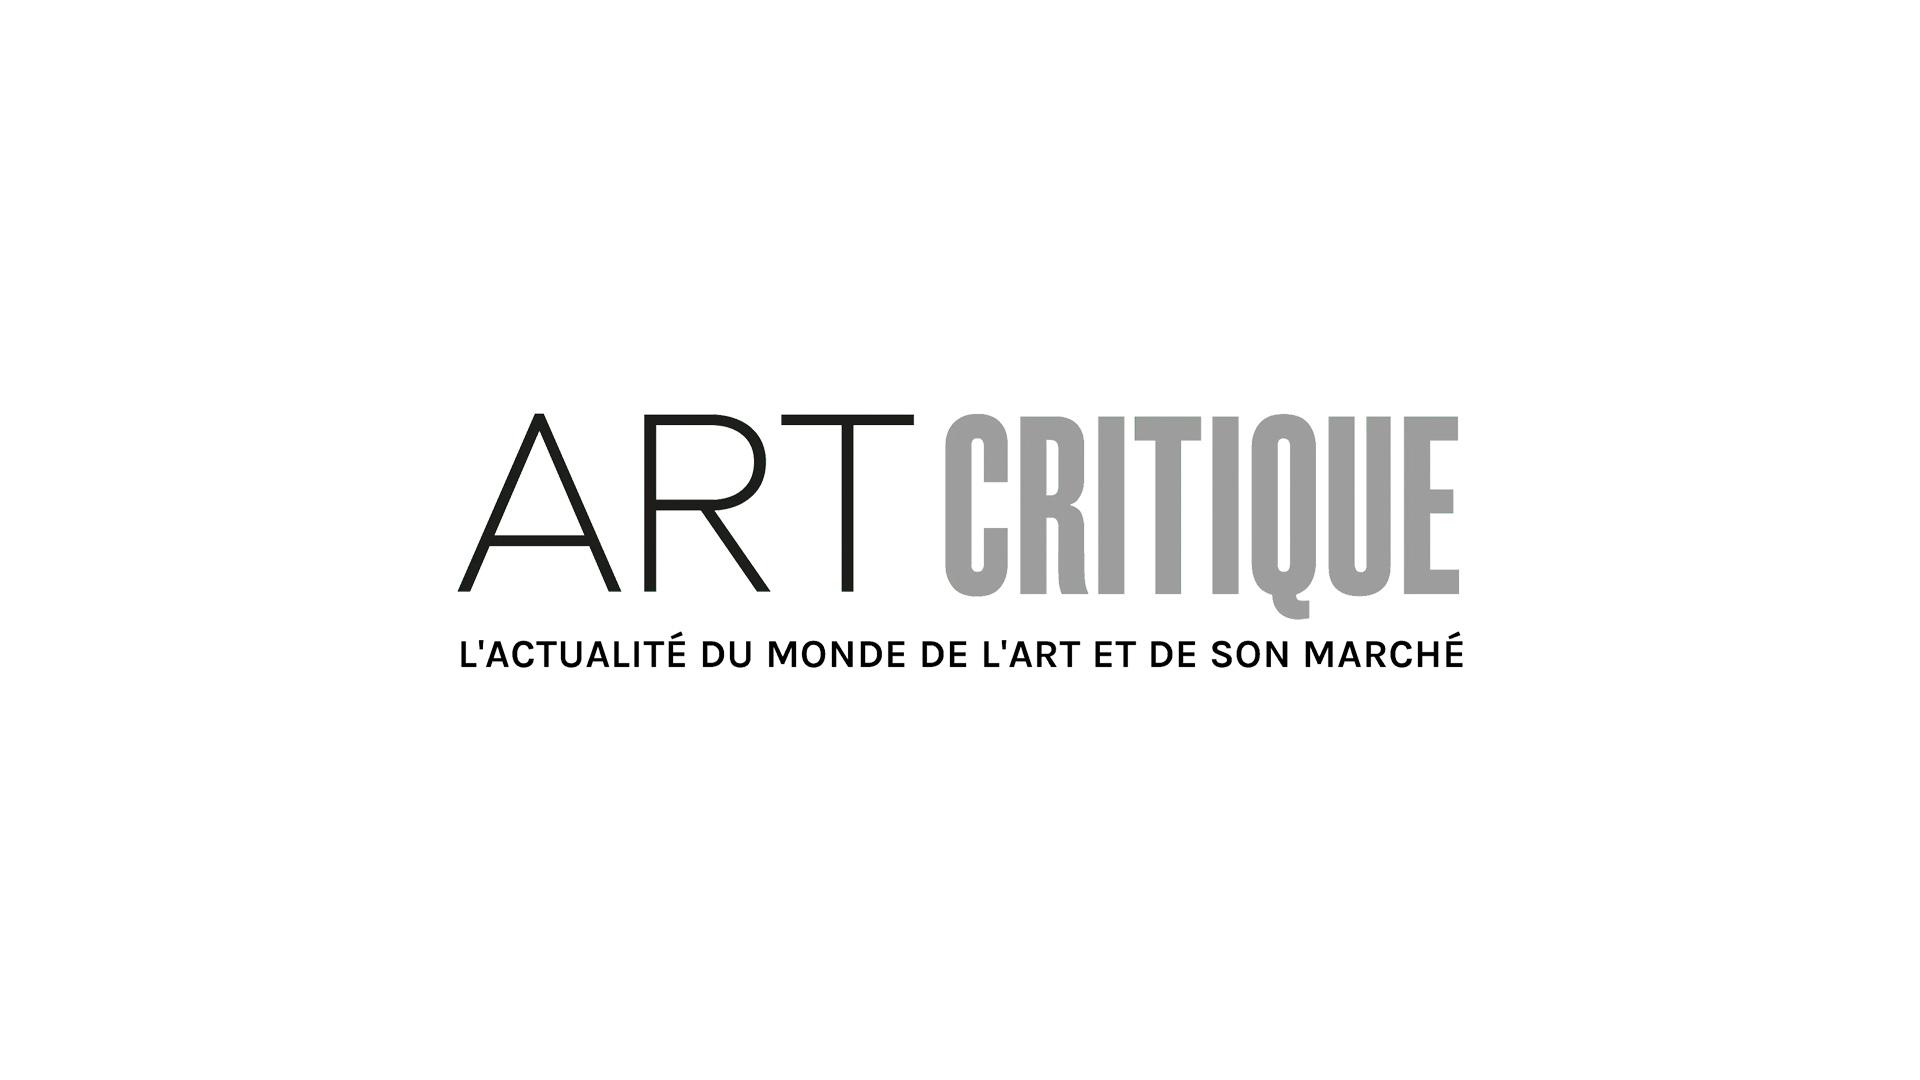 Les artistes à suivre selon la Fondation d'entreprise Ricard